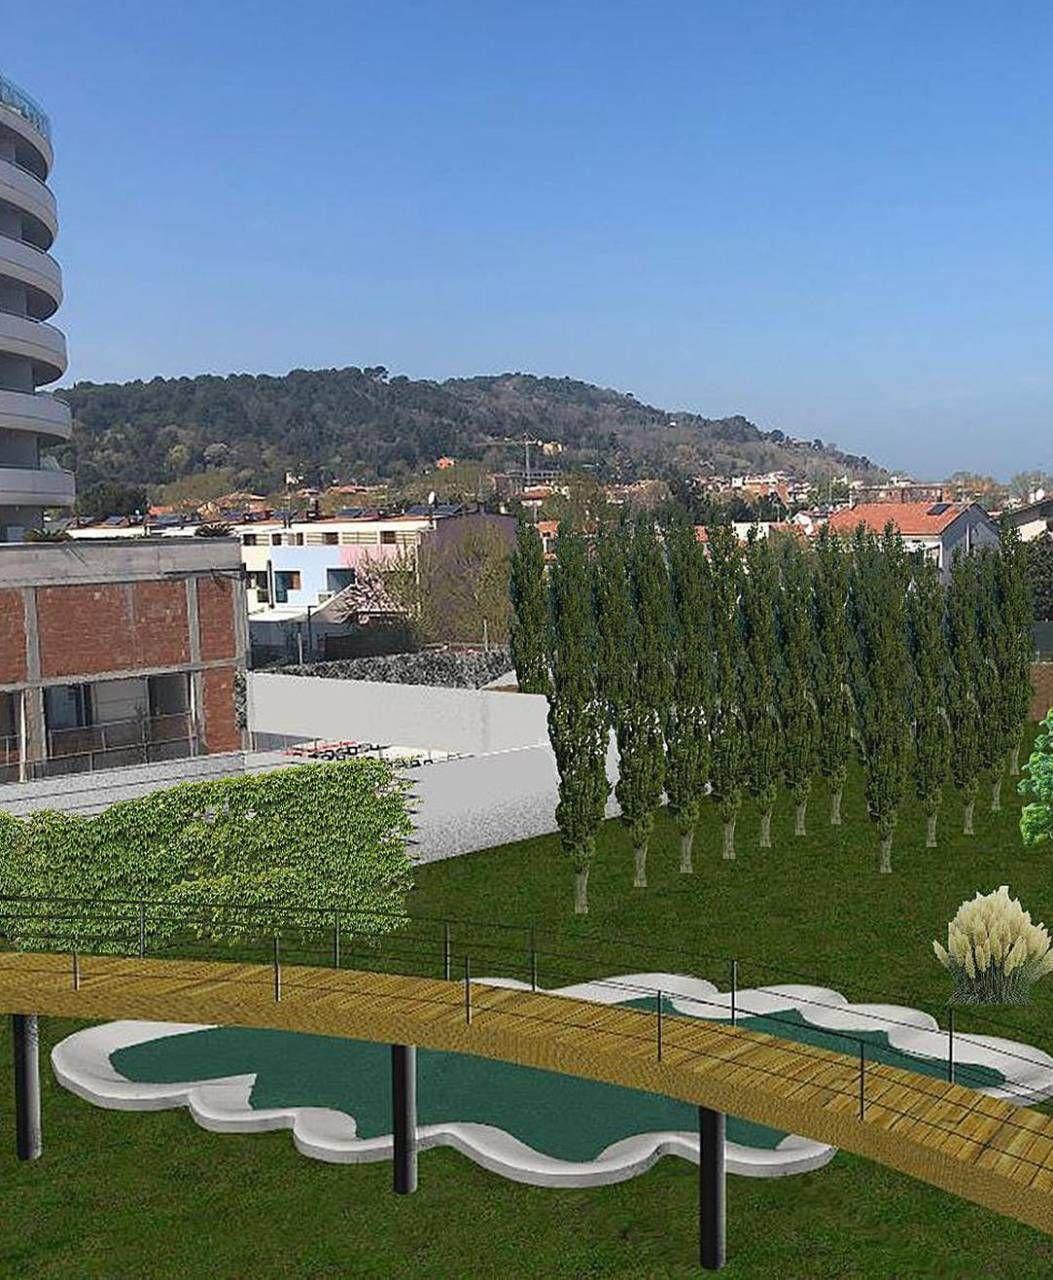 Ecco il rendering del parco all'ex Amga con la piantumazione di oltre 200 piante, e poi laghetti e ponticelli